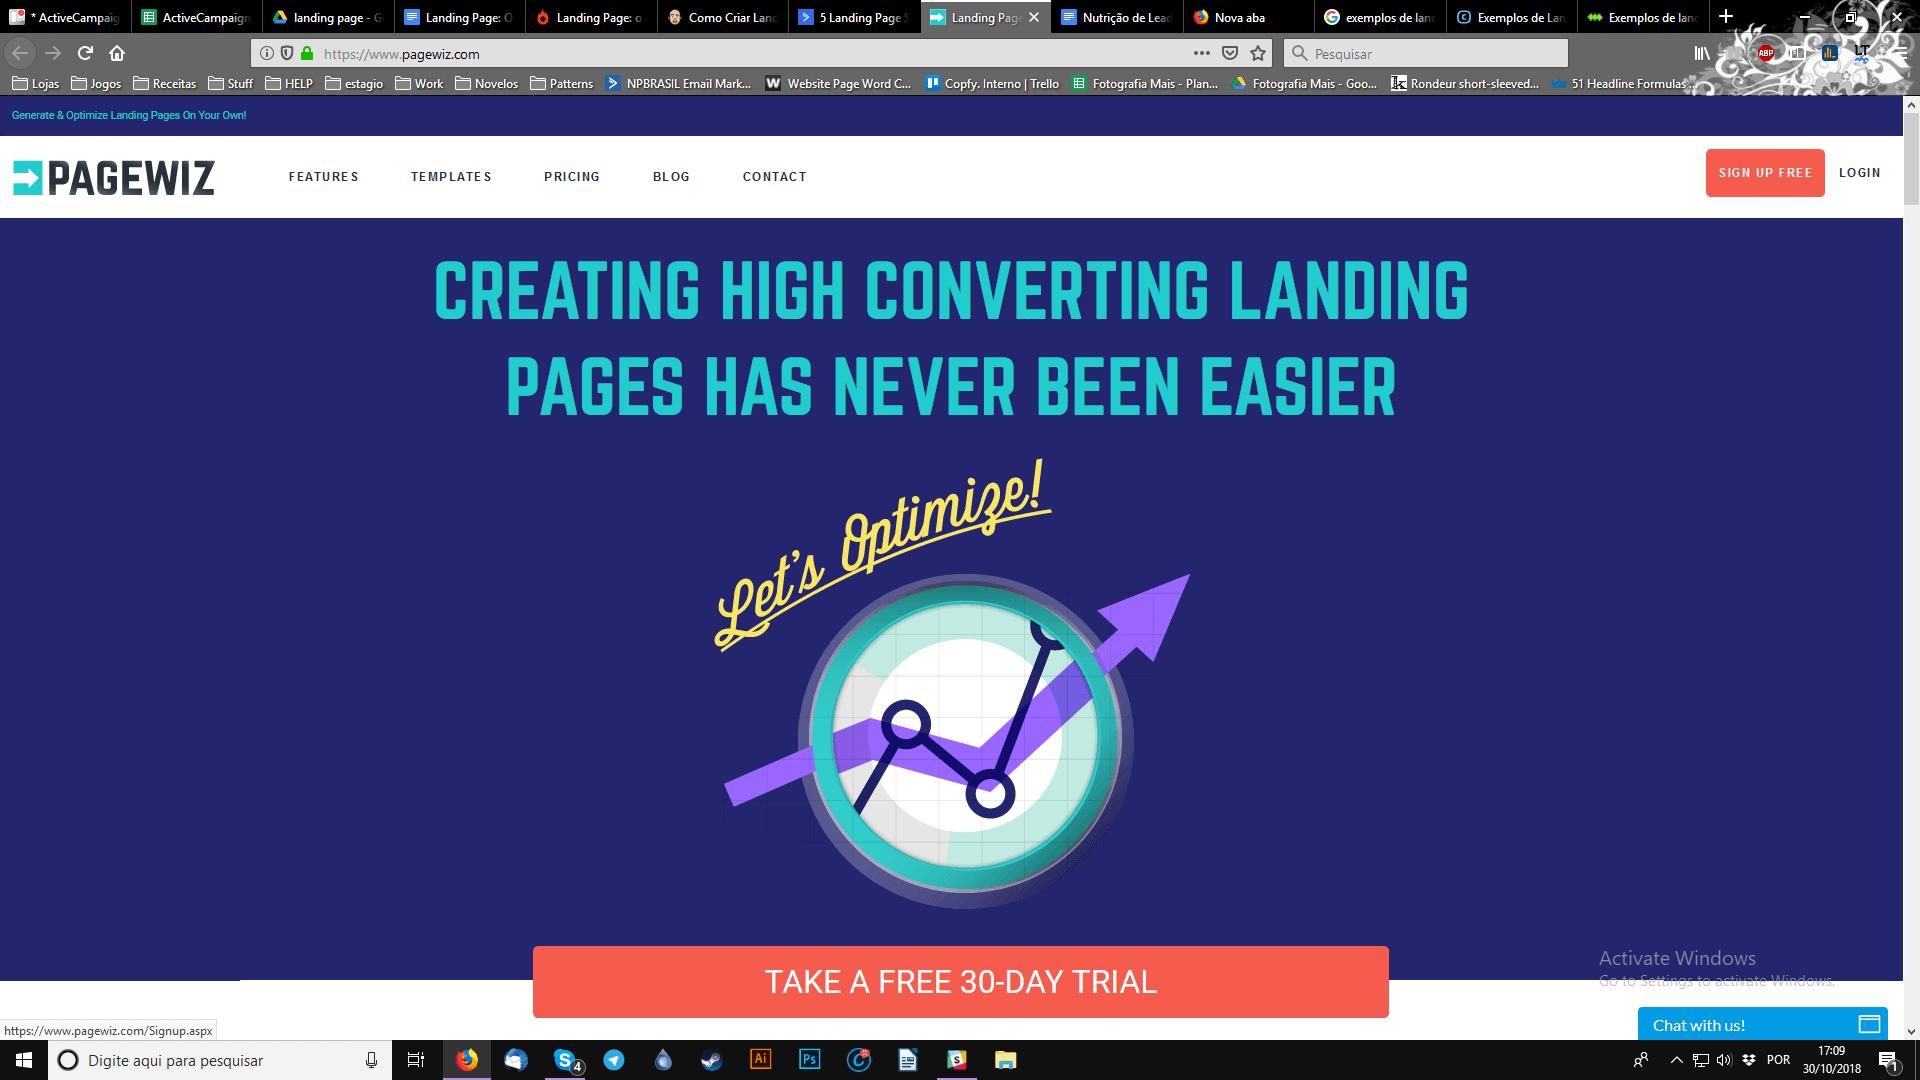 landing-pages-pagewiz